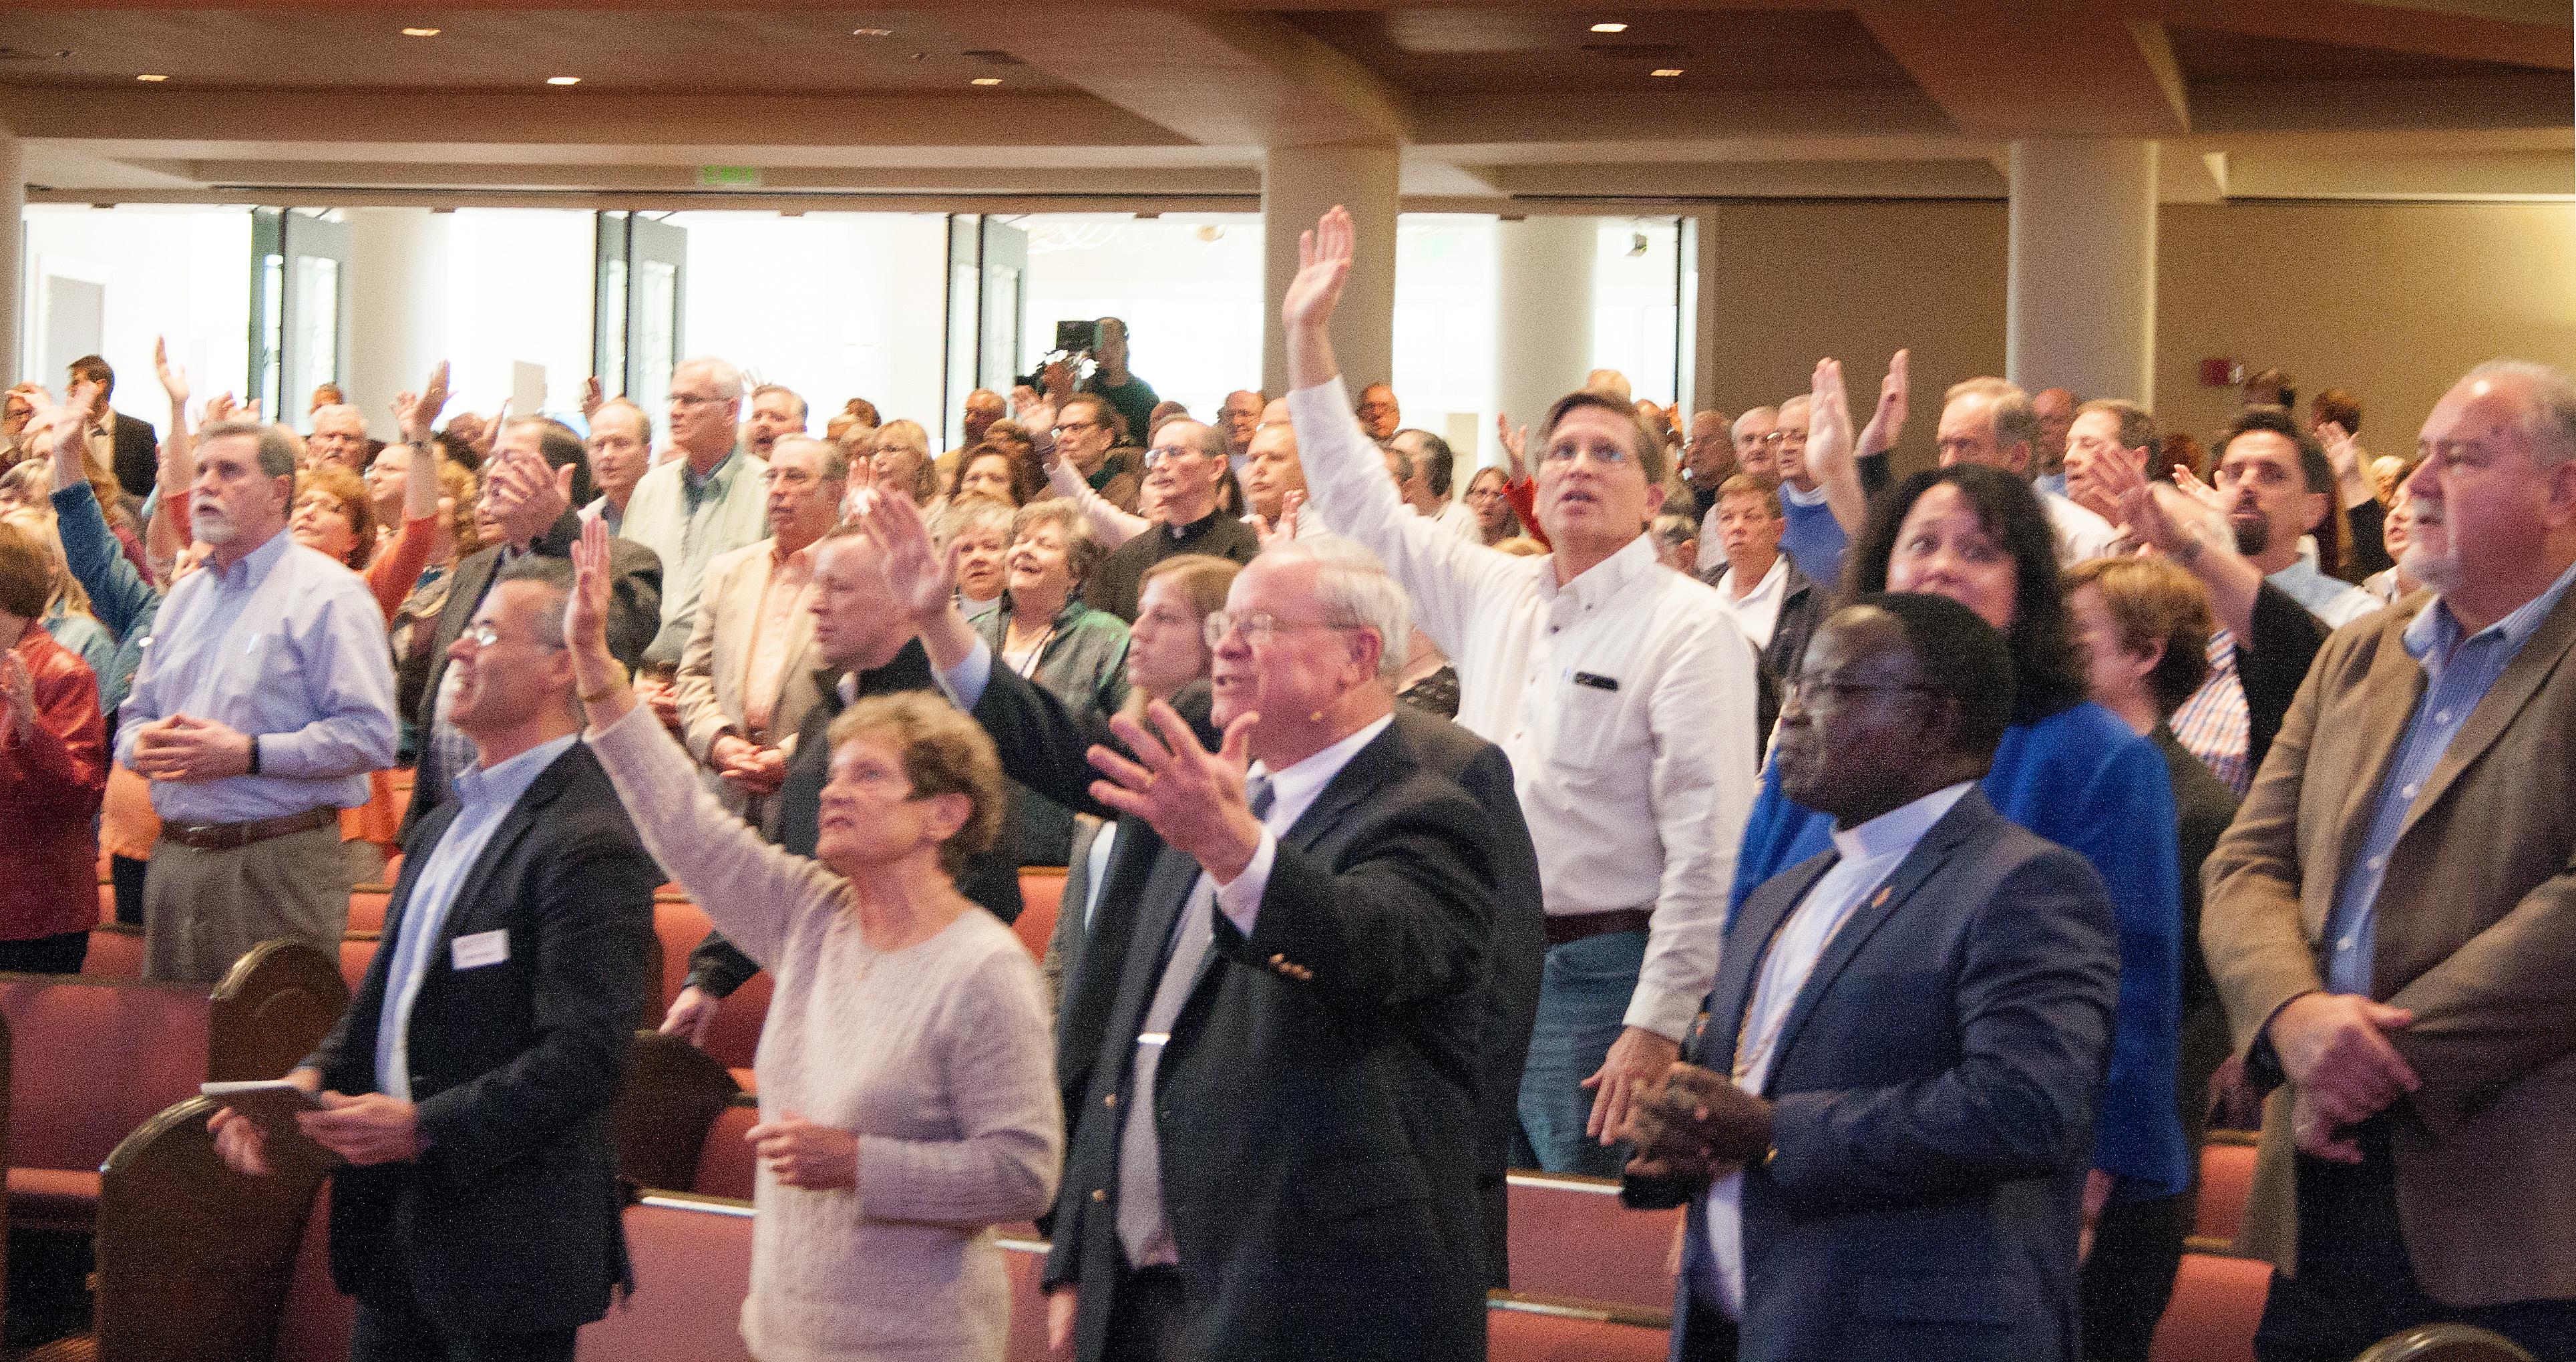 작년 11월, 마운트베델 연합감리교회에서 열린 웨슬리언약협회 총회 중 예배하는 모습. 사진 Kathy L. Gilbert, UMNS.